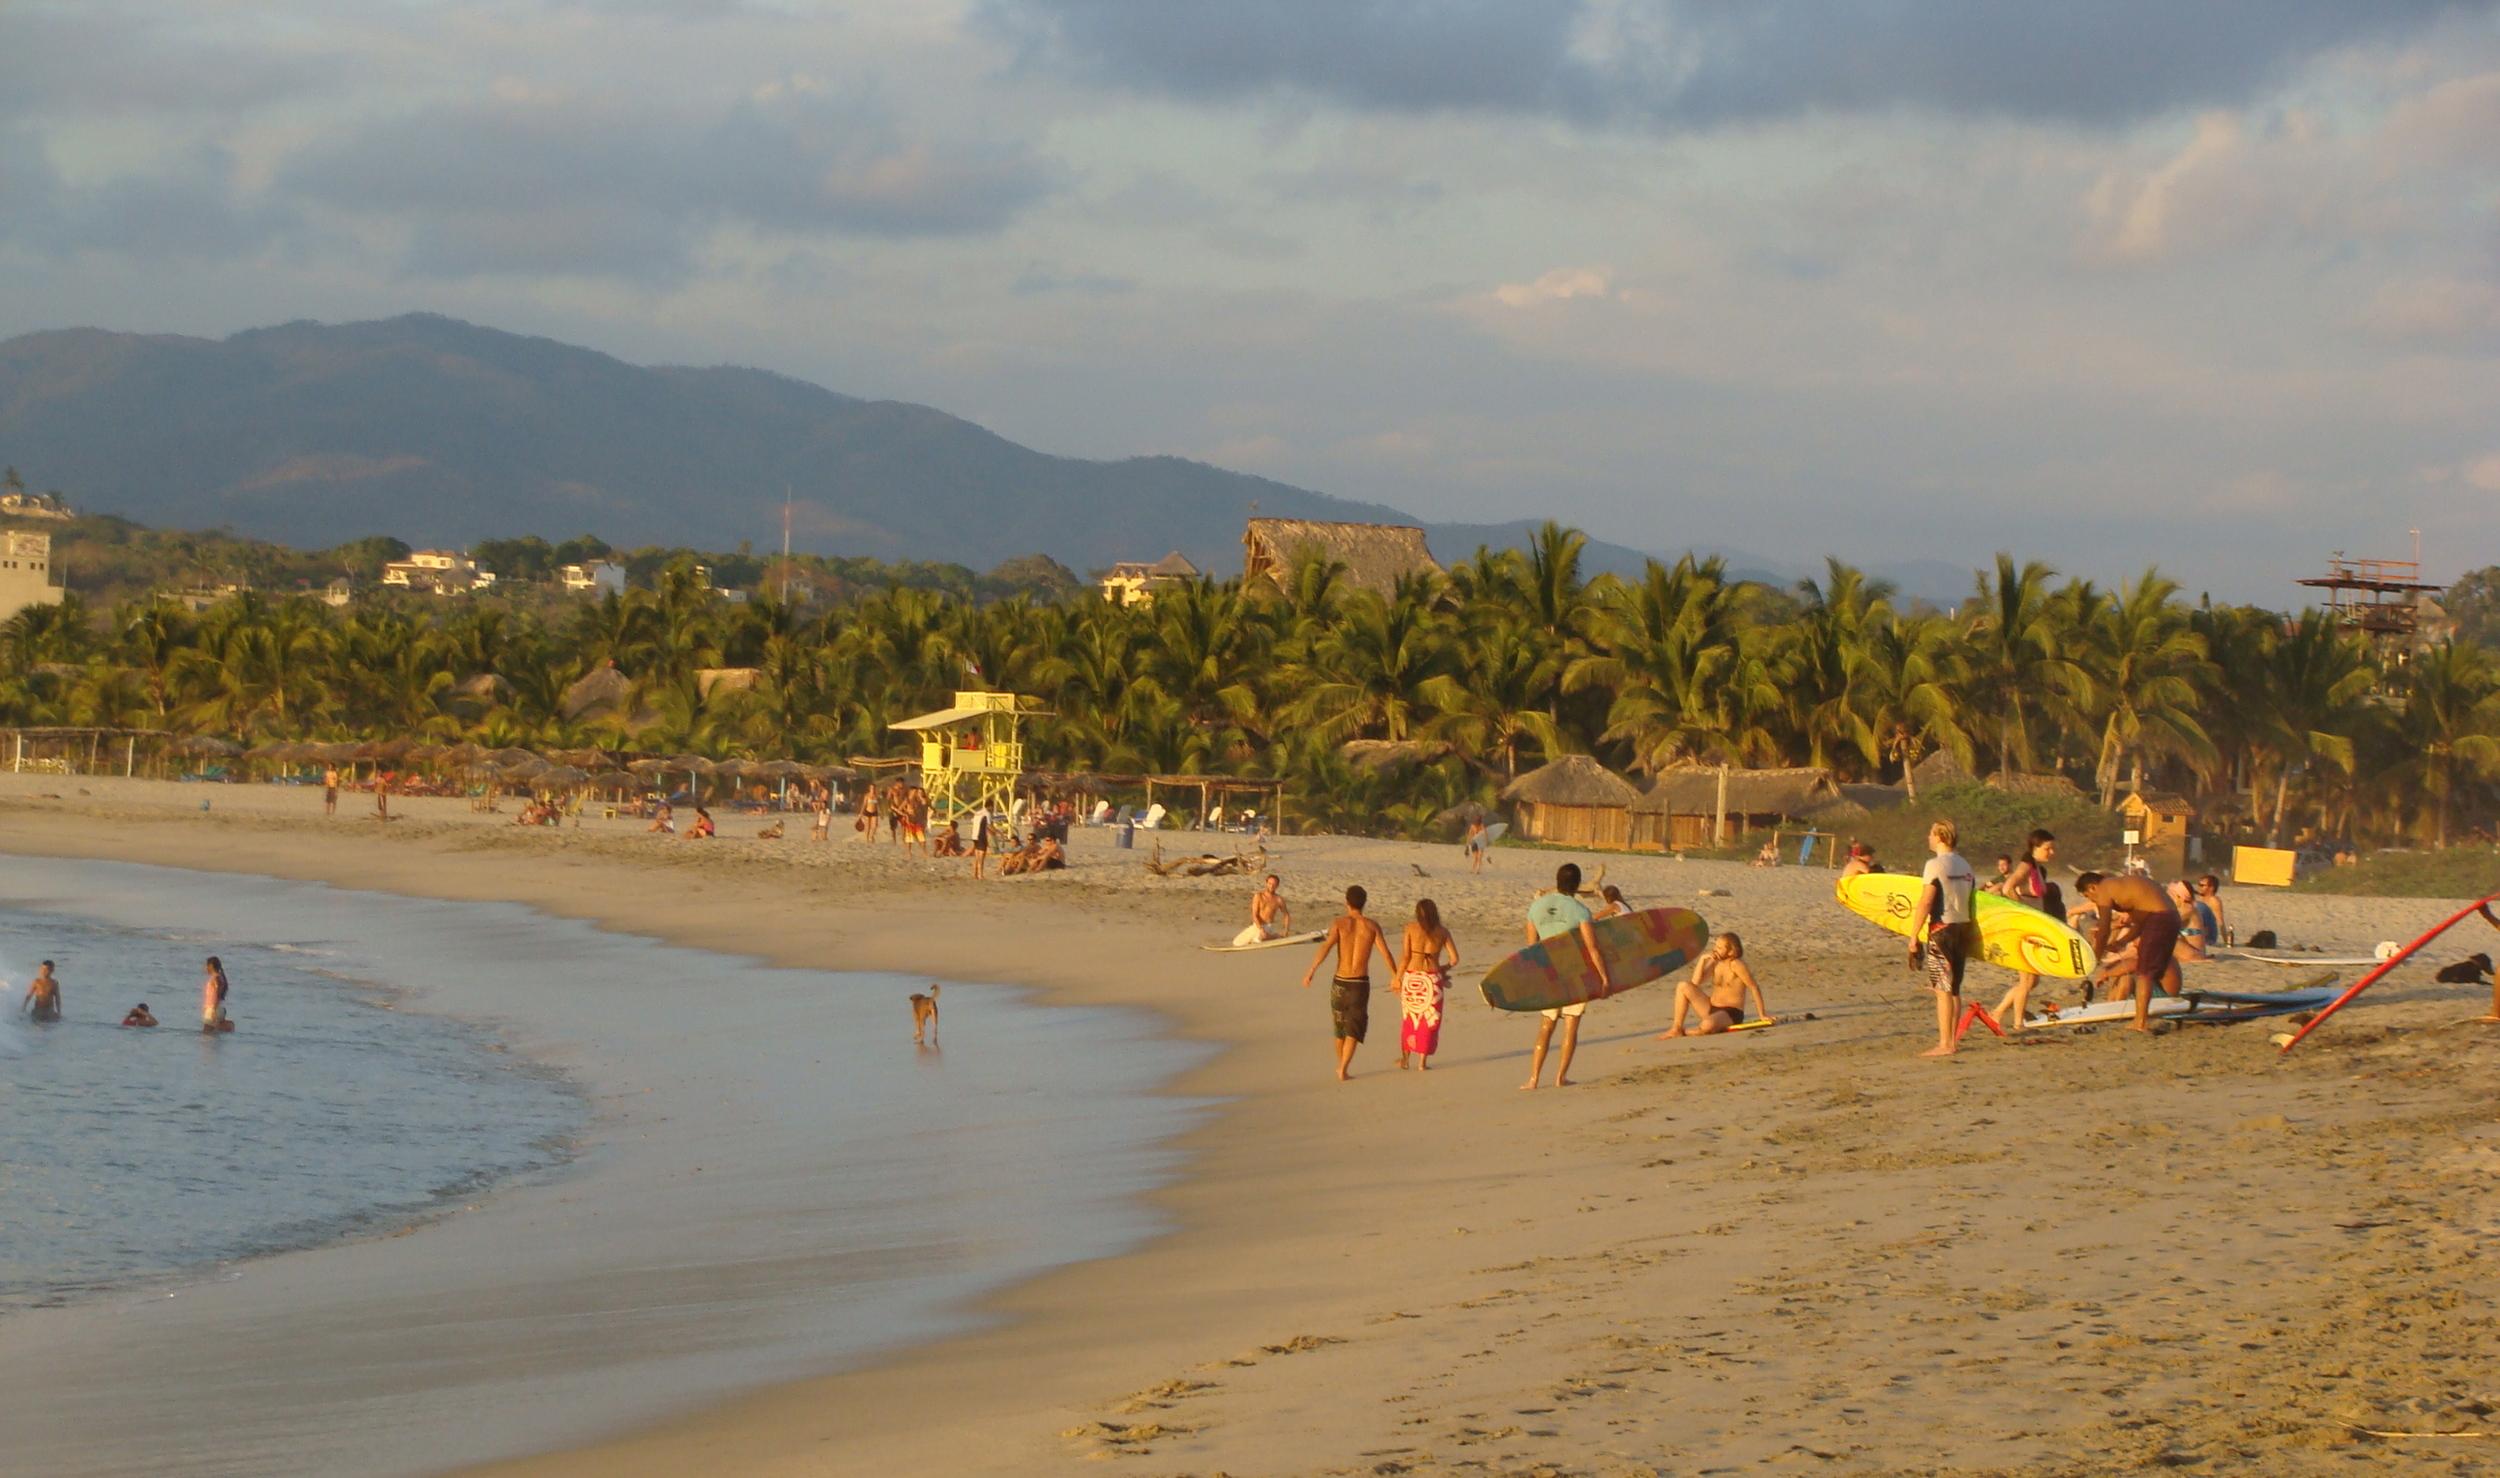 The surf in Puerto Escondido